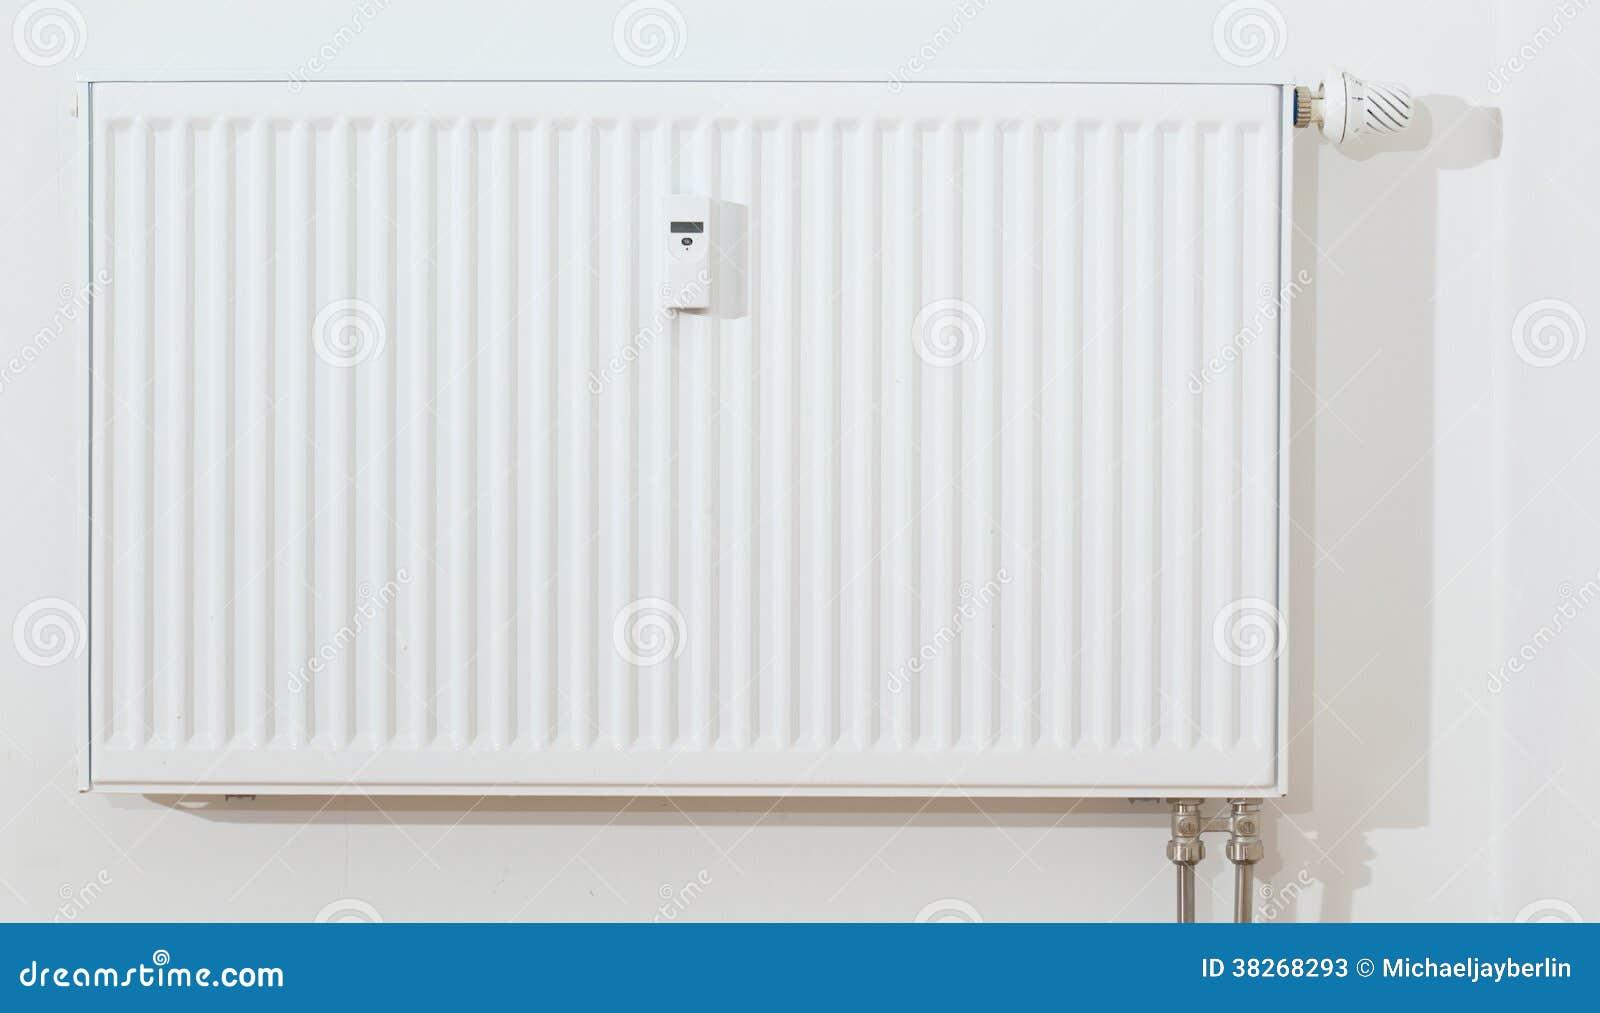 radiateur blanc moderne image stock image du objets. Black Bedroom Furniture Sets. Home Design Ideas